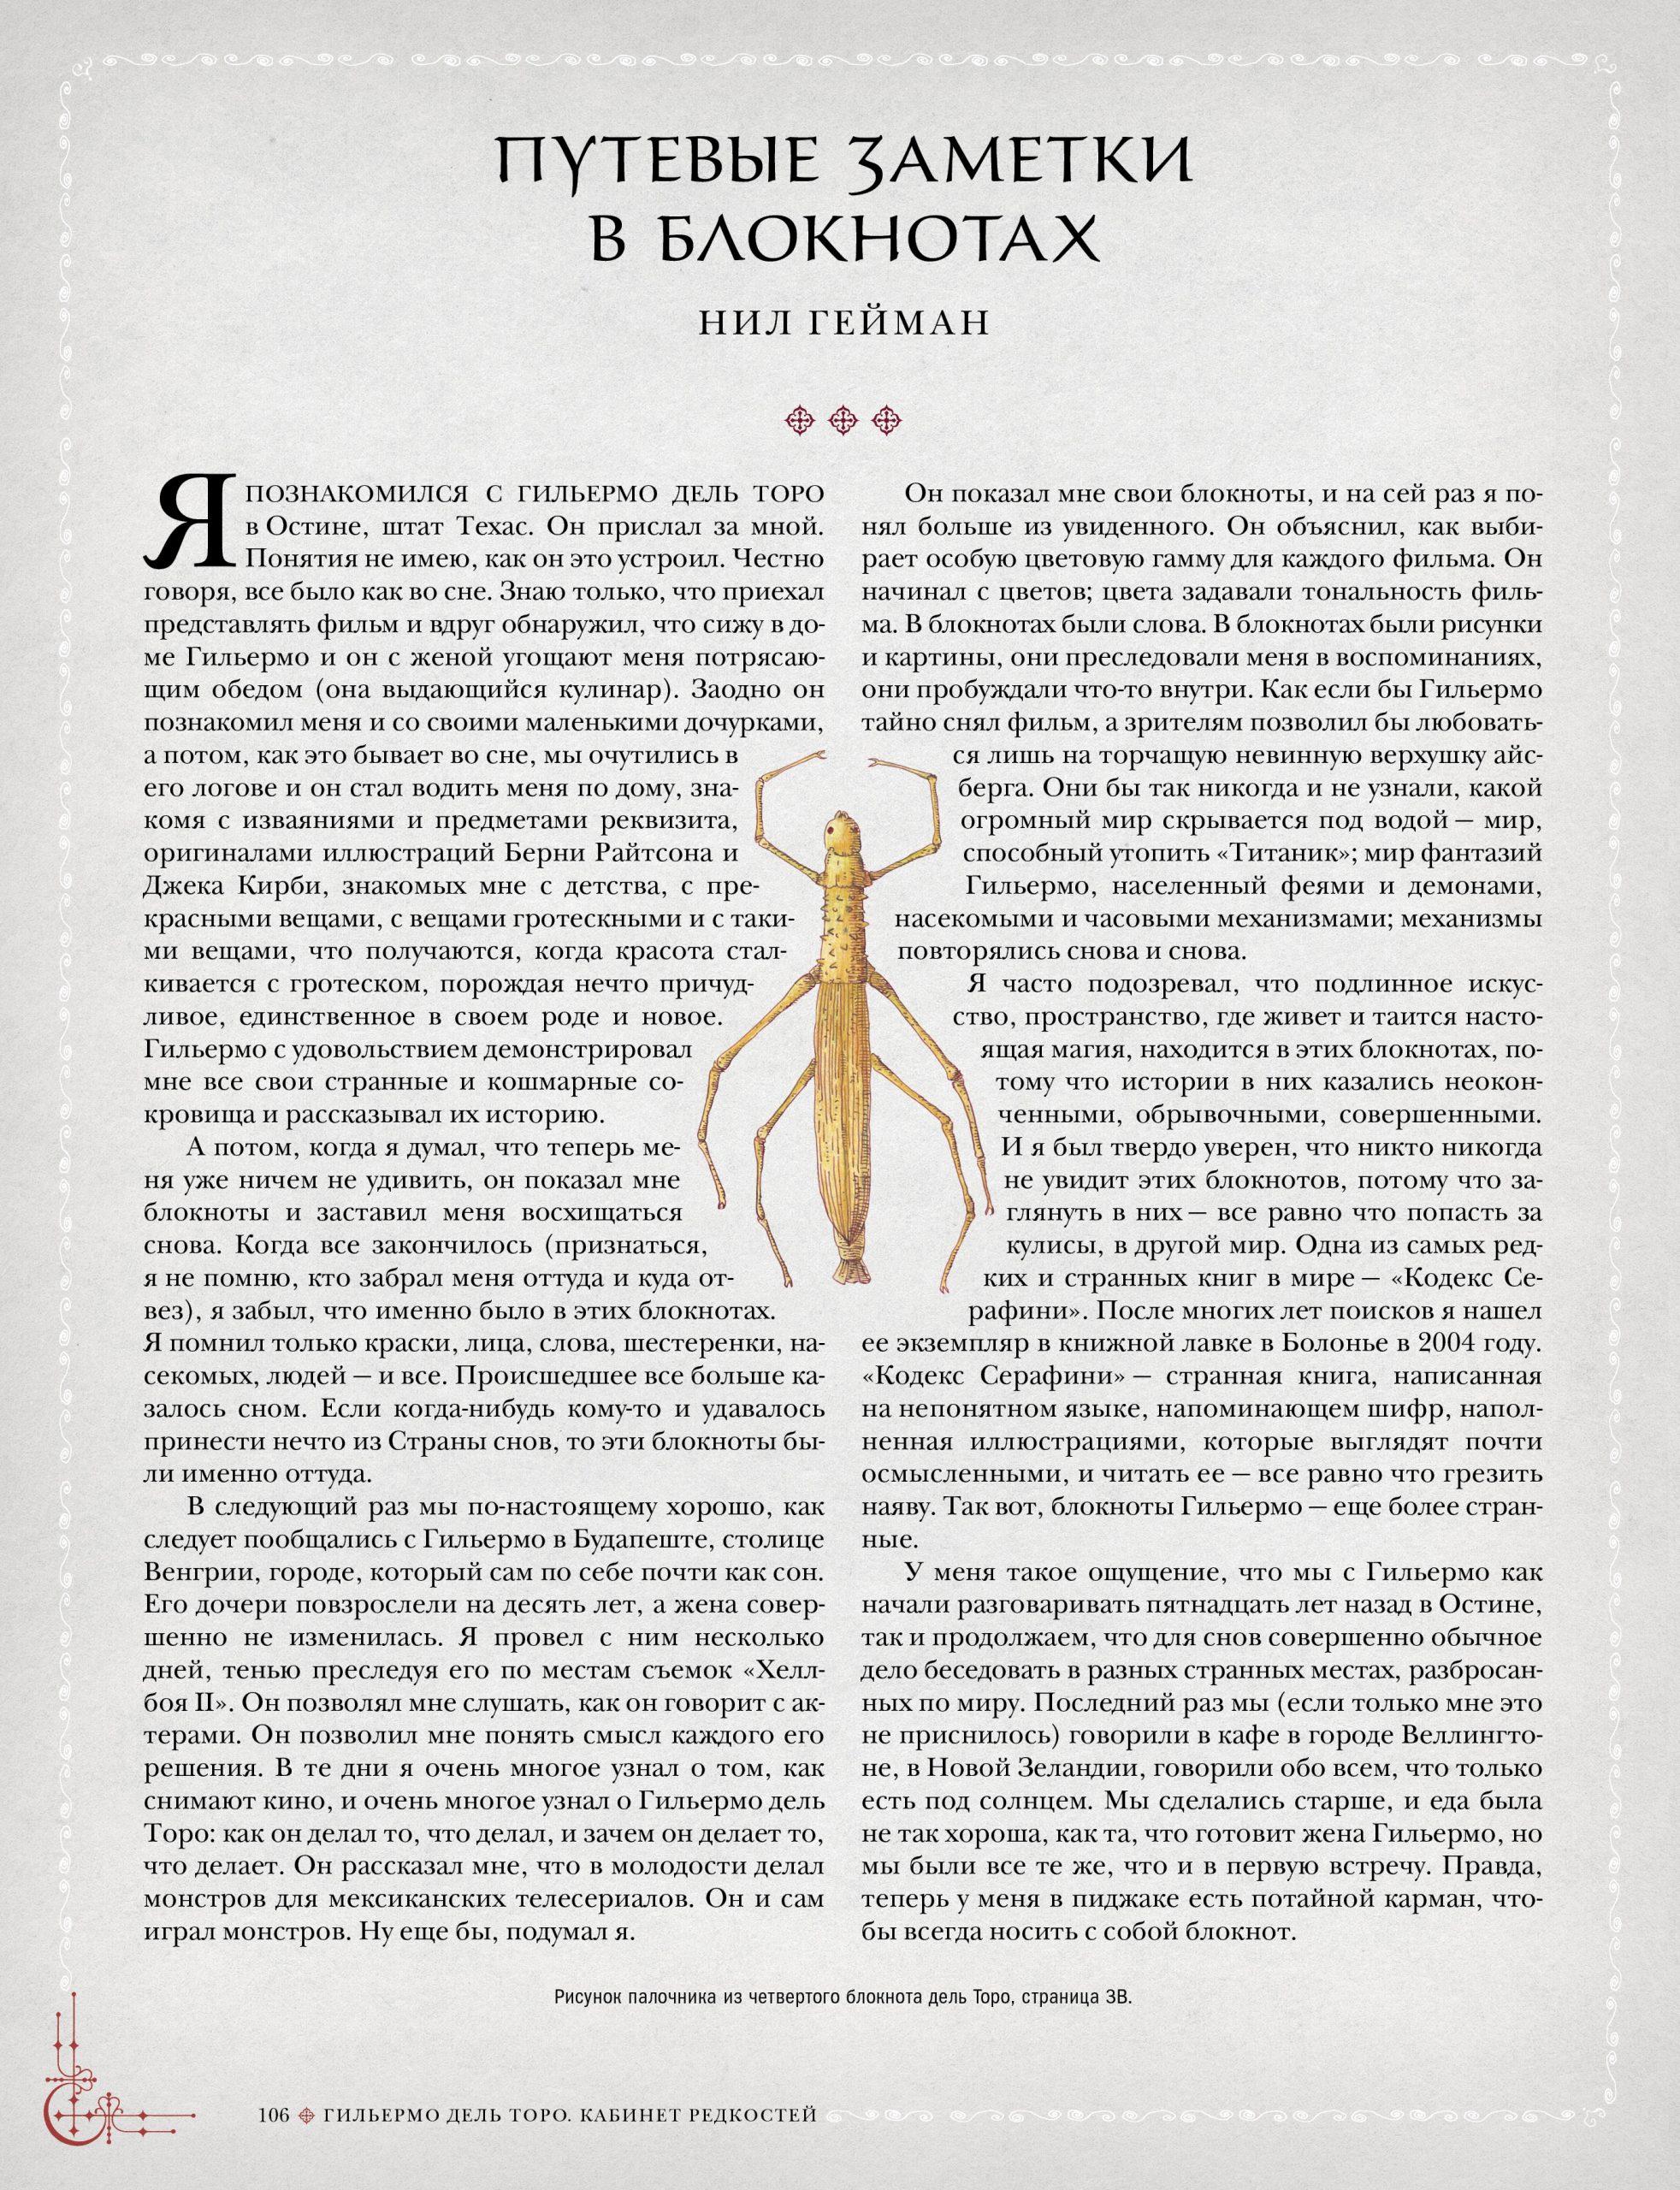 Читаем книгу «Кабинет редкостей» Гильермо Дель Торо 7